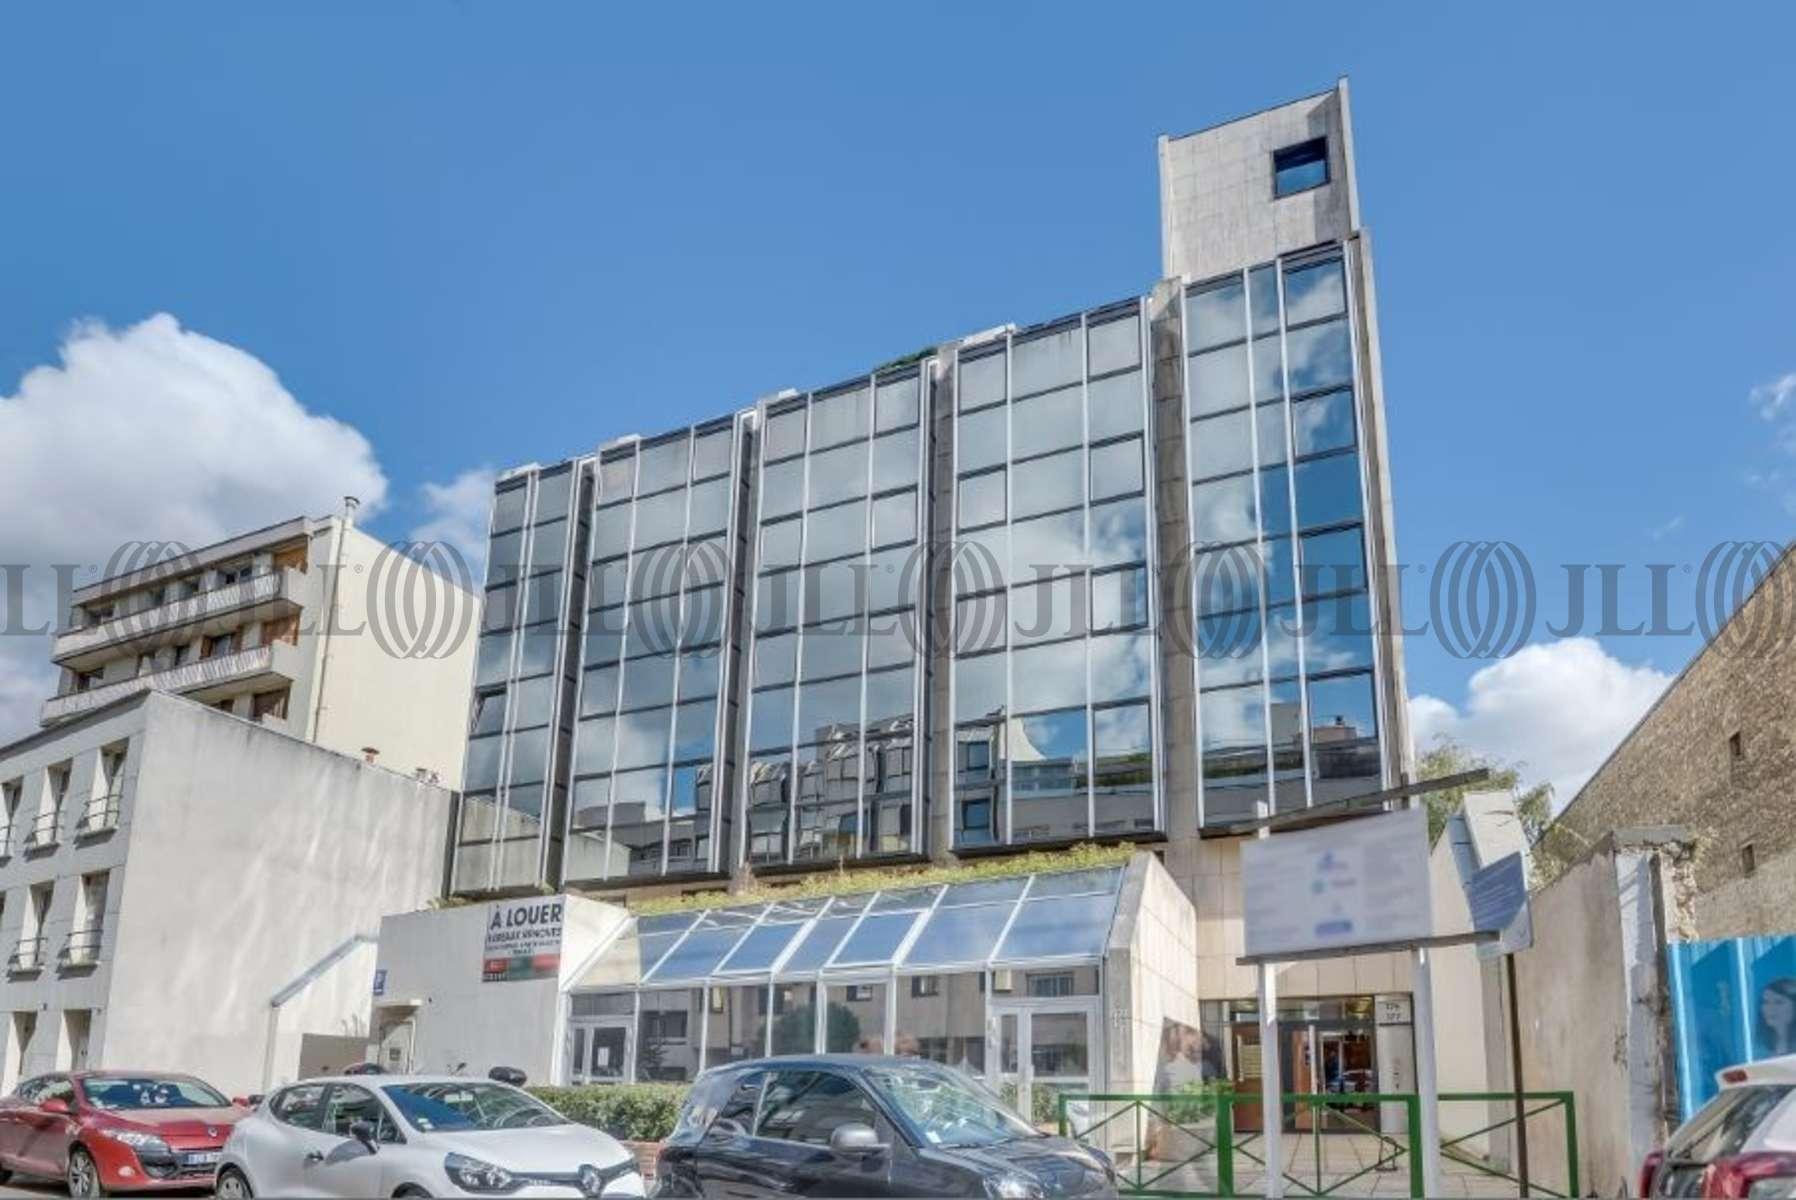 Bureaux louer 175 177 rue d 39 aguesseau 92100 boulogne - Location meublee boulogne billancourt ...